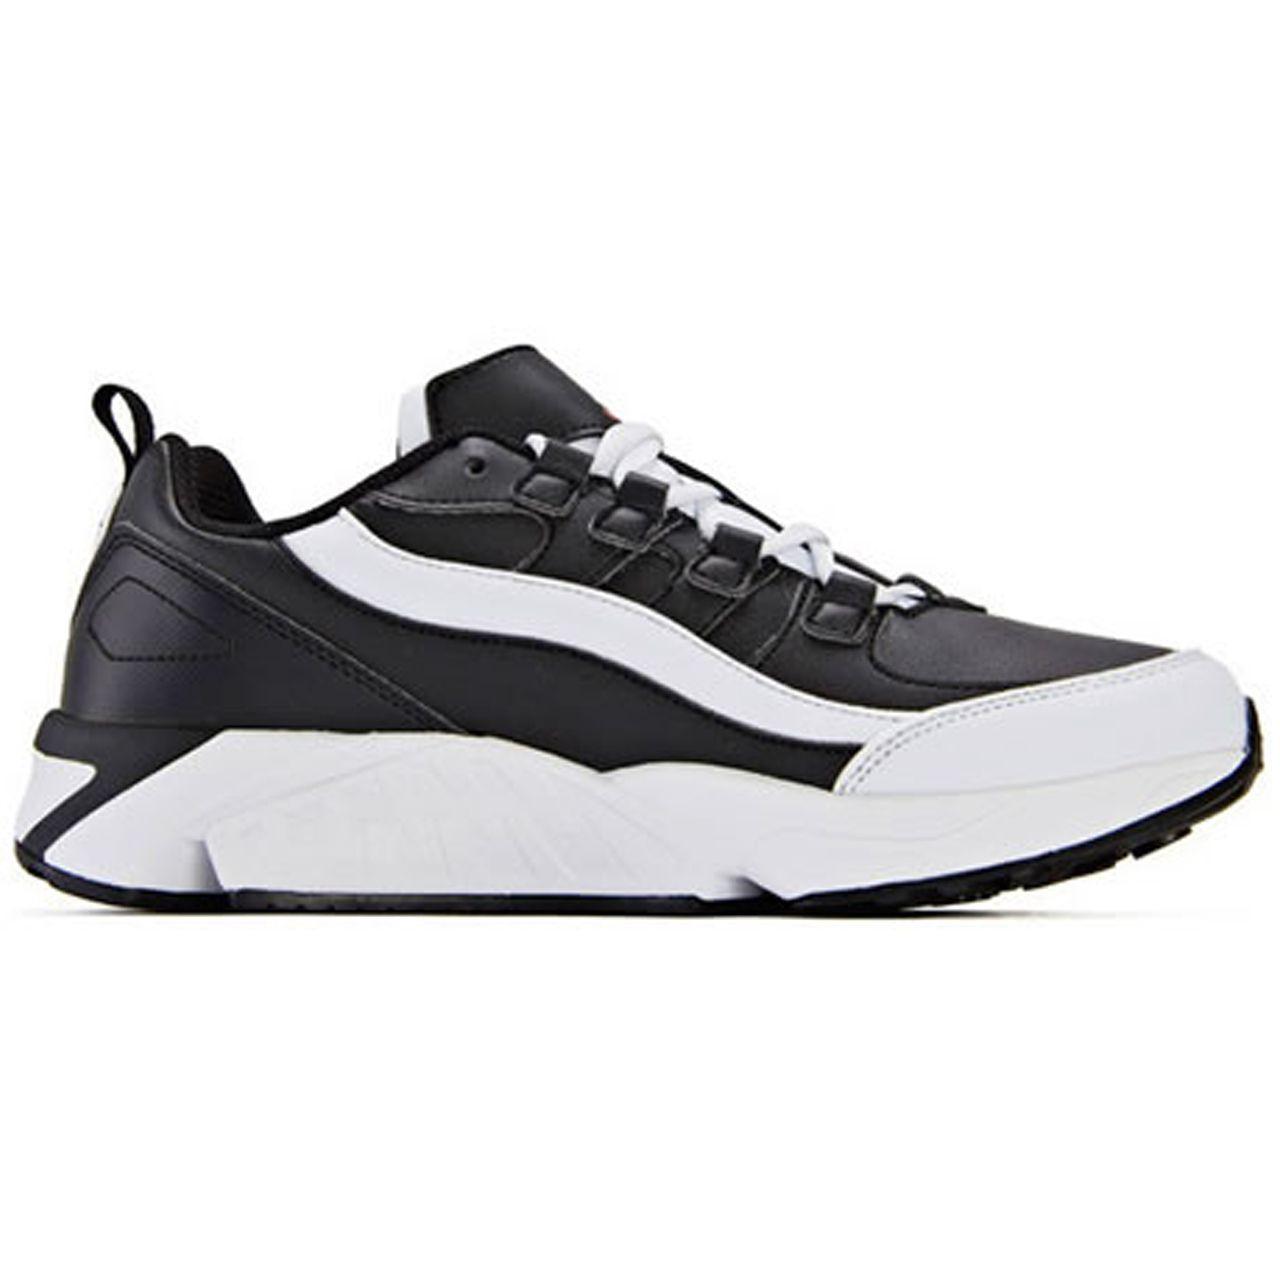 کفش مخصوص دویدن زنانه 361 درجه کد 581842257 -  - 3